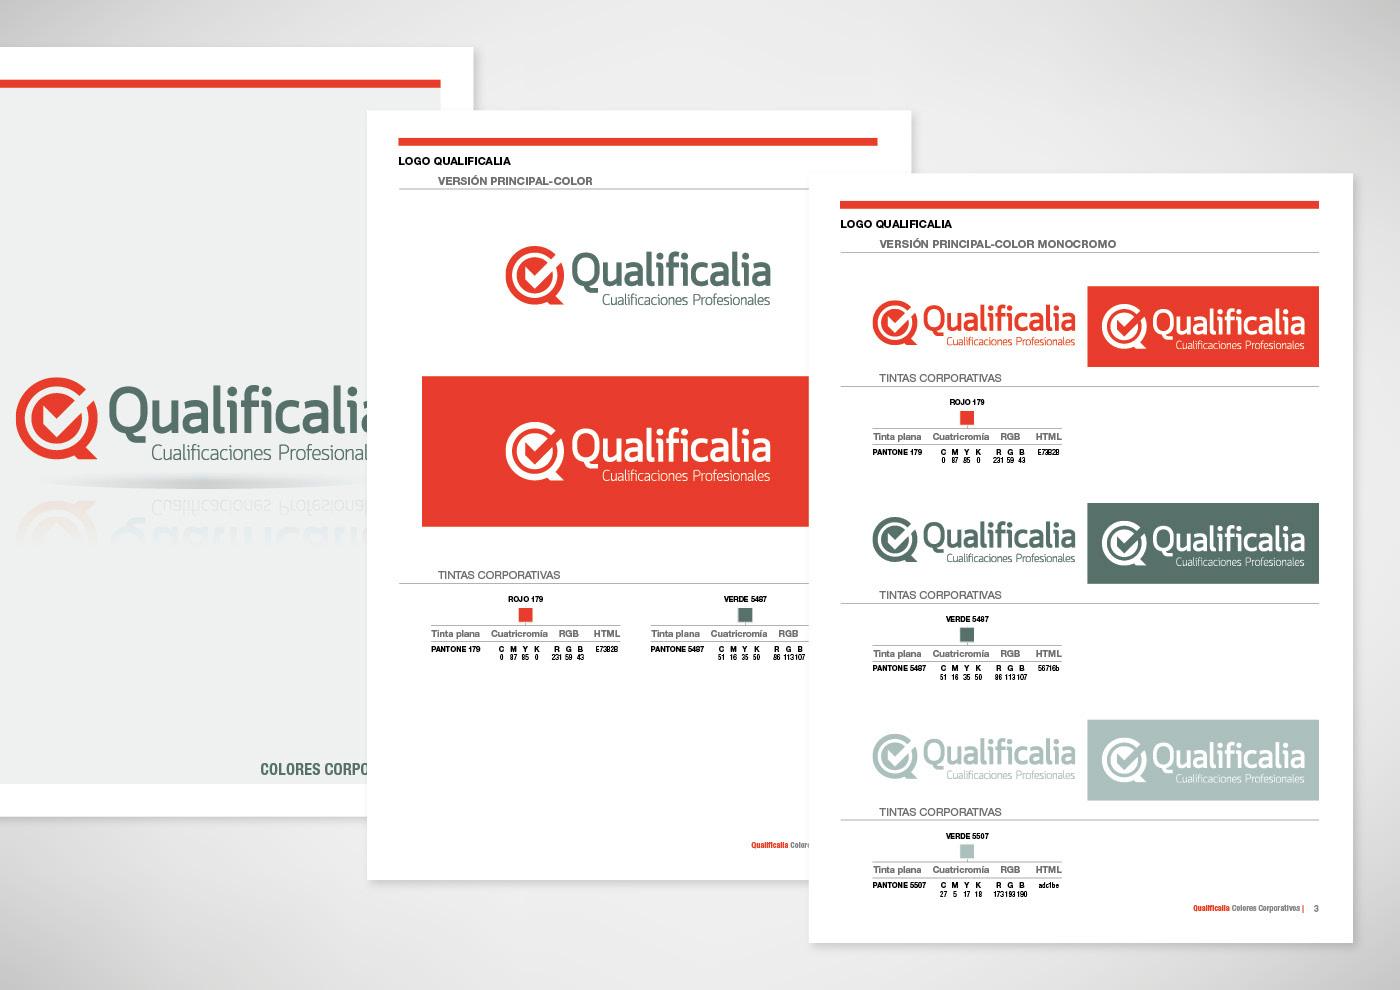 Qualificalia - Imagen corporativa - Manual corporativo - Ivan Diez